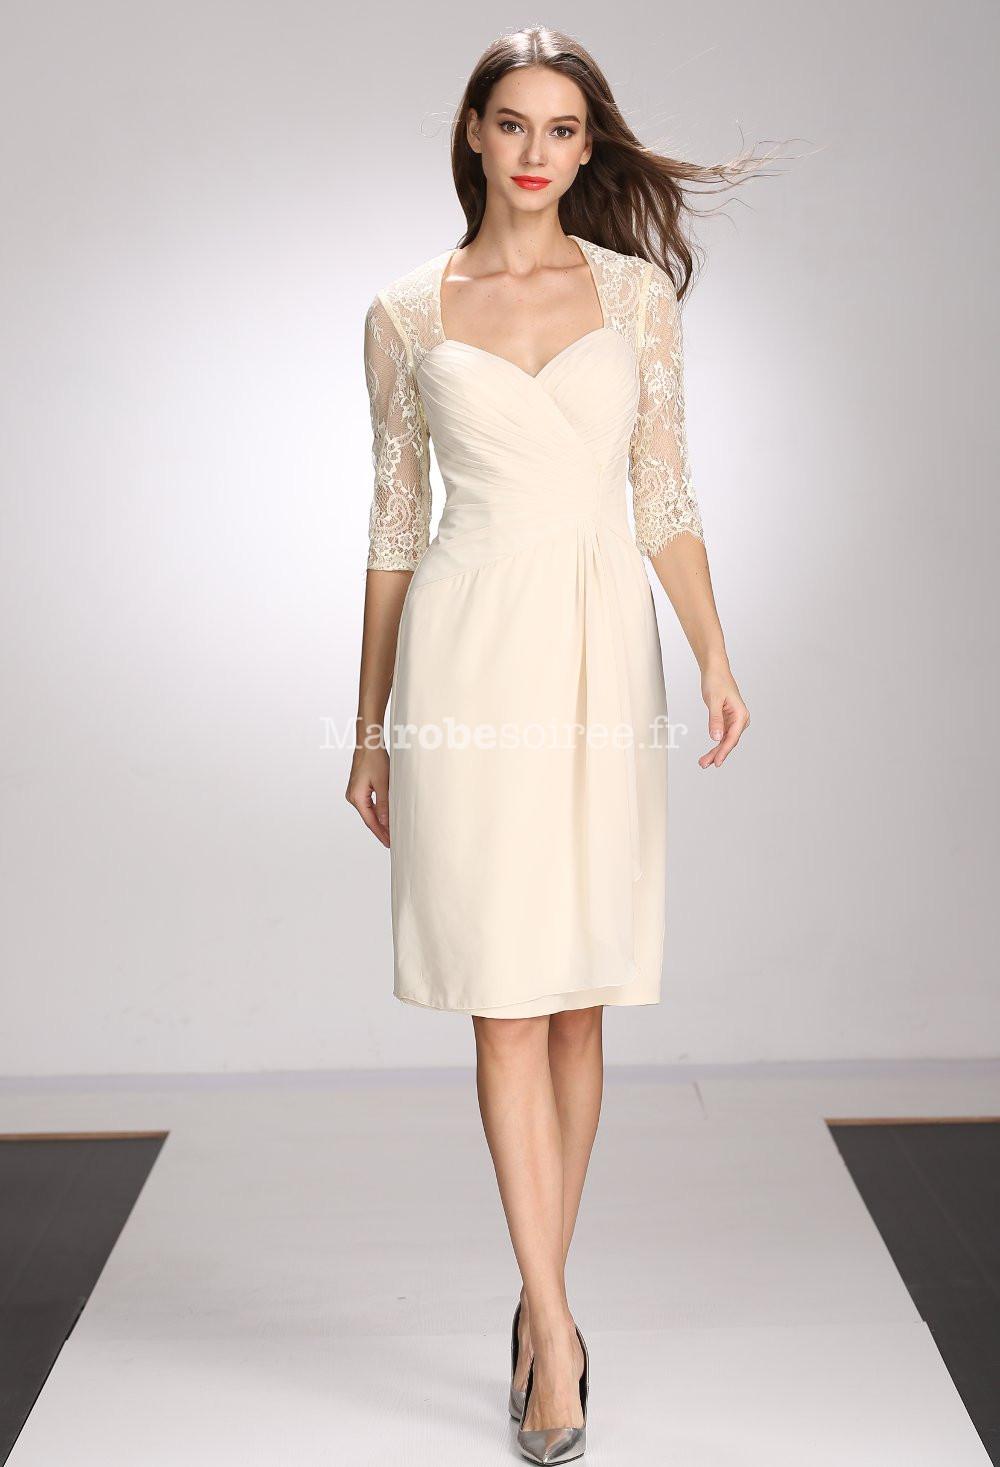 60bf2d05914 ... bustier coeur  robe de soirée champagne courte à manches ...